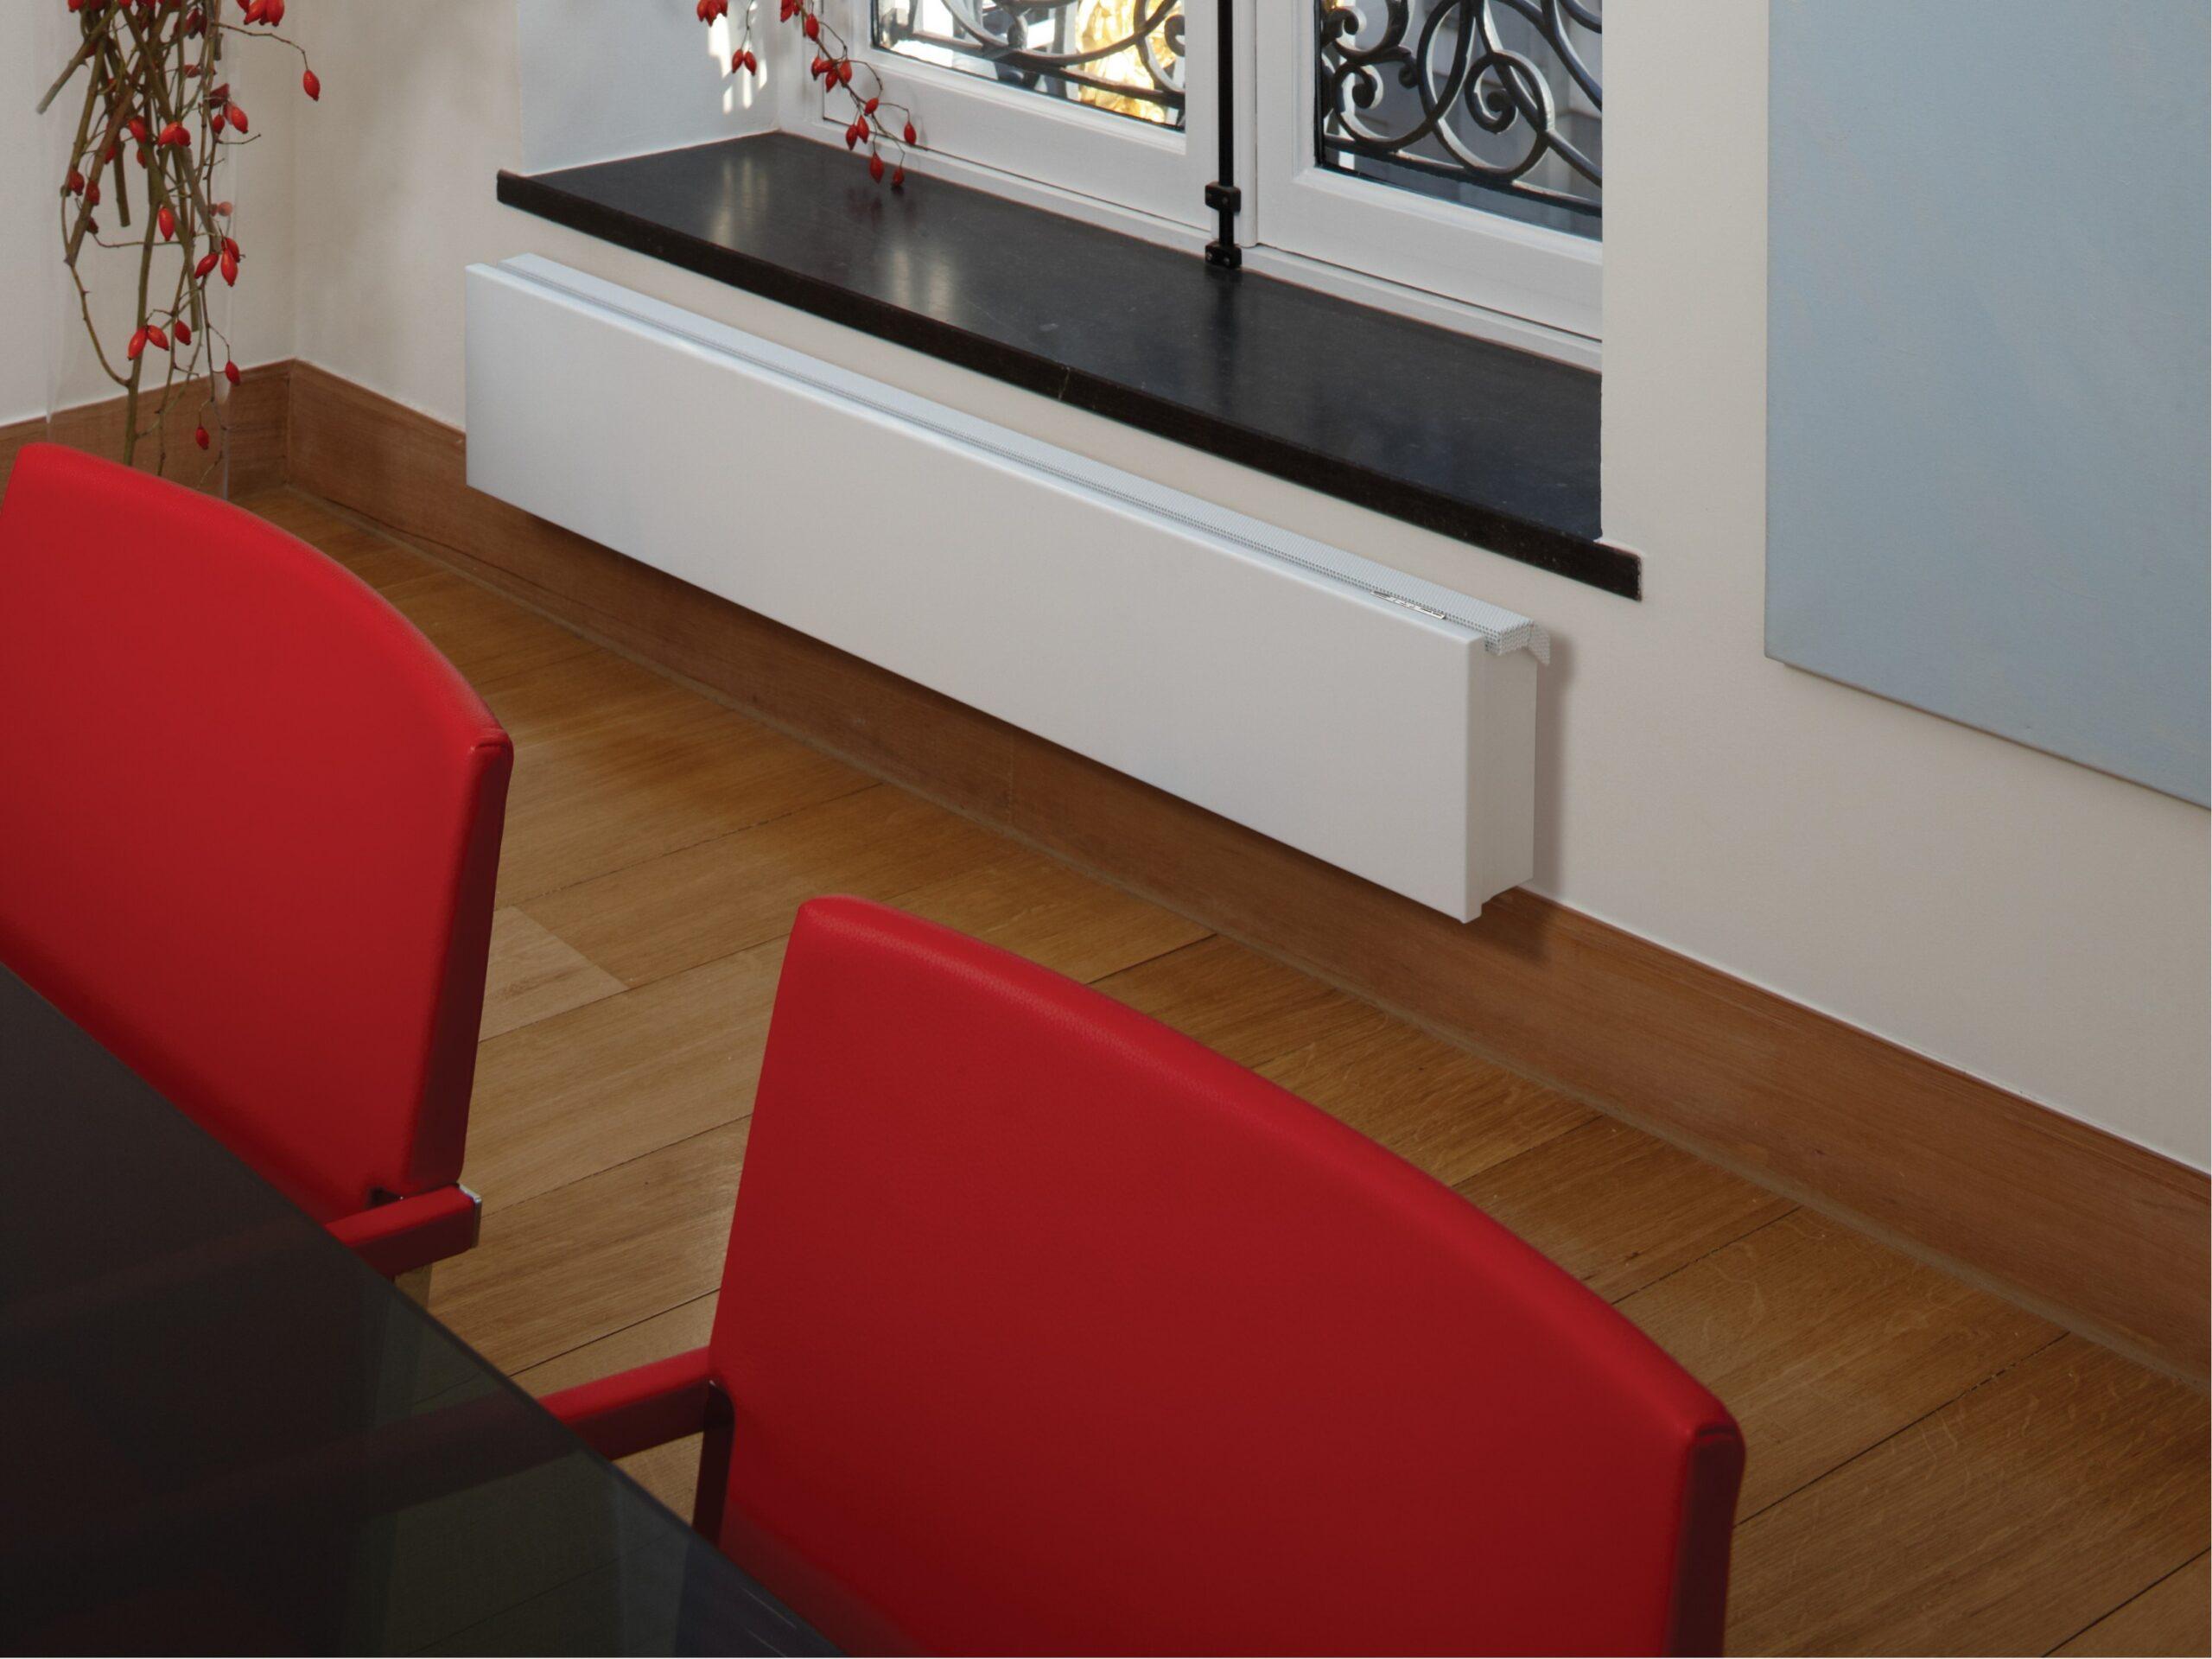 Full Size of Heizkörper Wohnzimmer Flach Heizkrper 35 18 Ab 50 Cm 813 Watt Bad Design Heizung Tischlampe Tapete Wohnwand Badezimmer Deckenlampen Modern Deckenleuchten Bett Wohnzimmer Heizkörper Wohnzimmer Flach